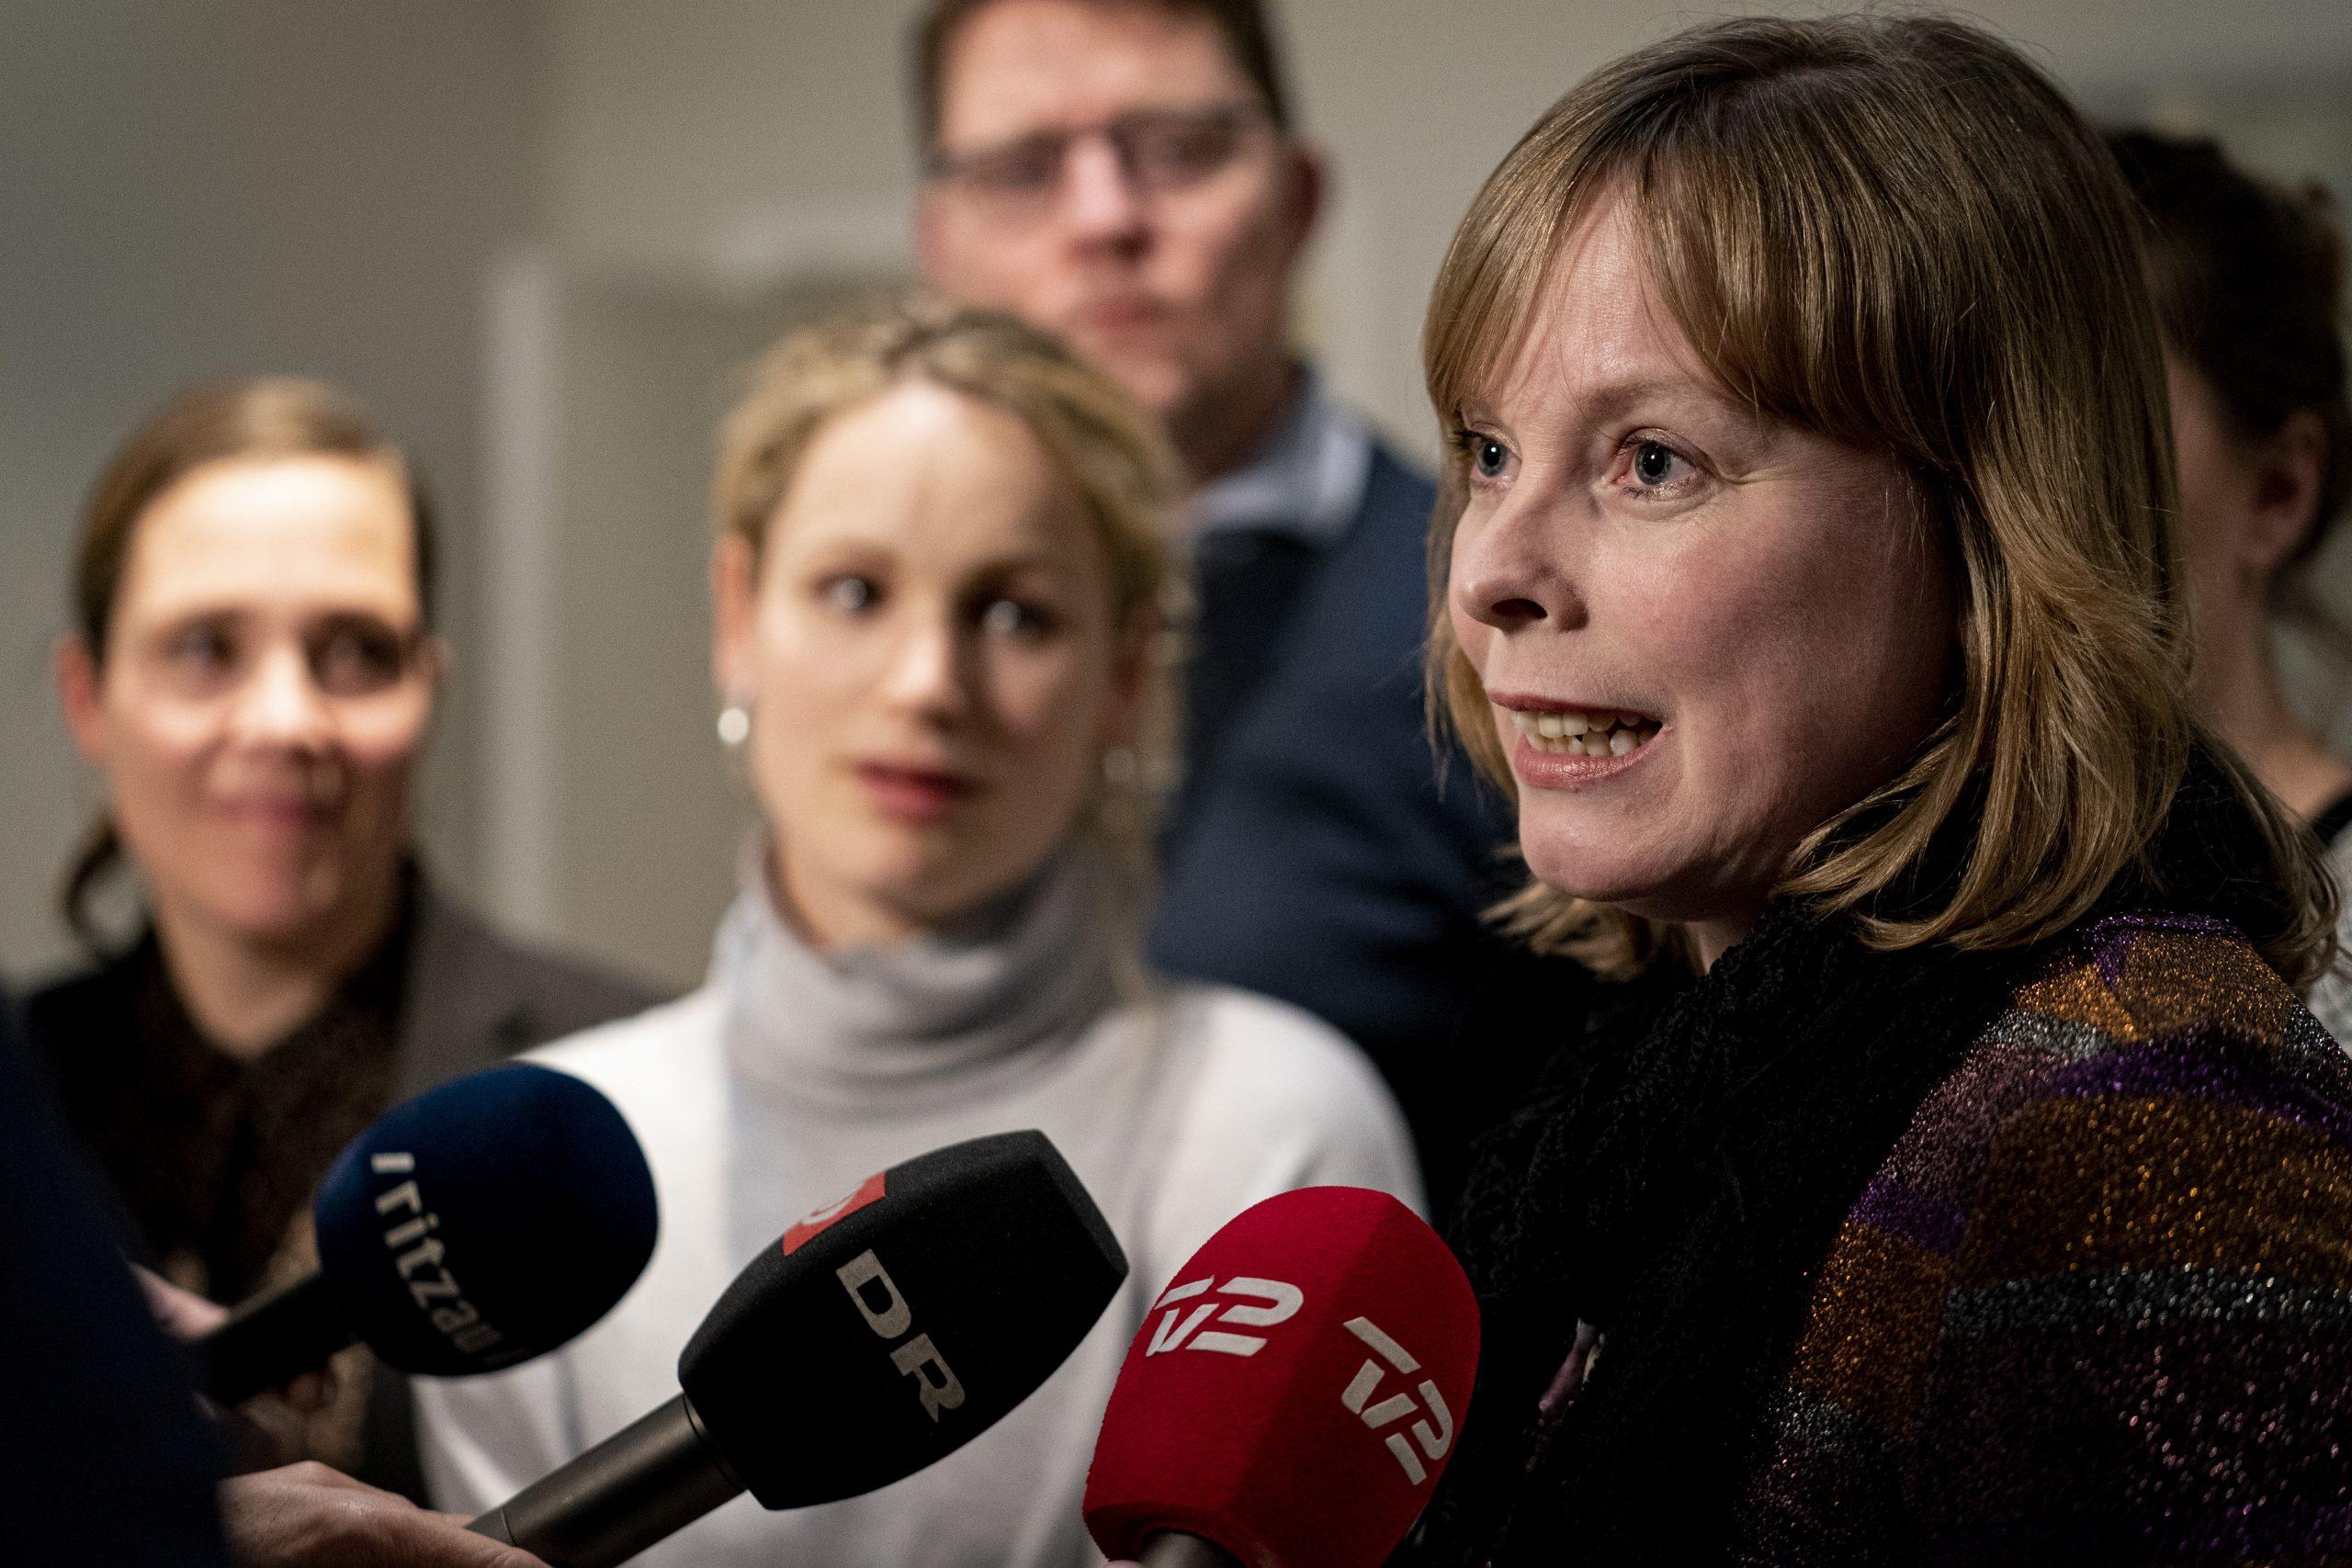 """<span class=""""rodt"""">Efter hård kritik:</span> Joy Mogensen har fundet 180 millioner kroner til medierne"""